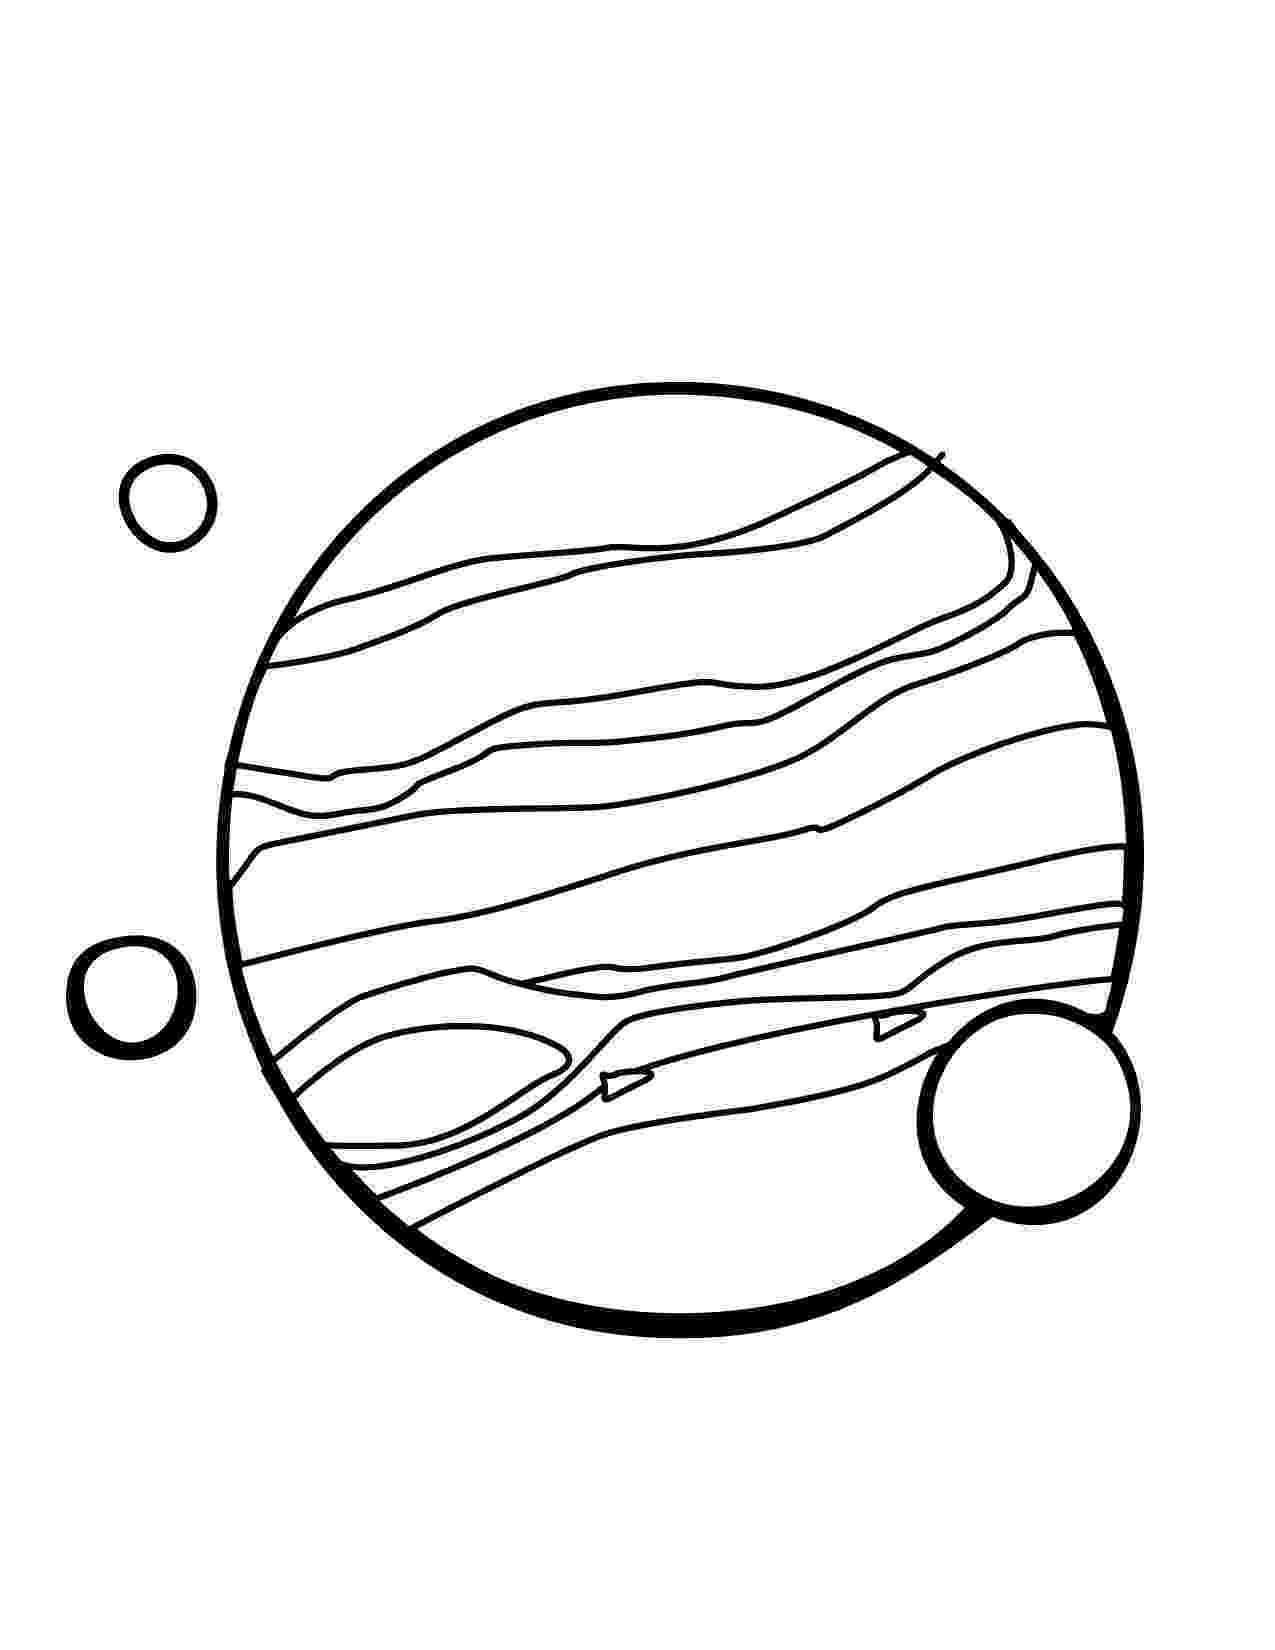 jupiter coloring page jupiter worksheet twisty noodle jupiter coloring page